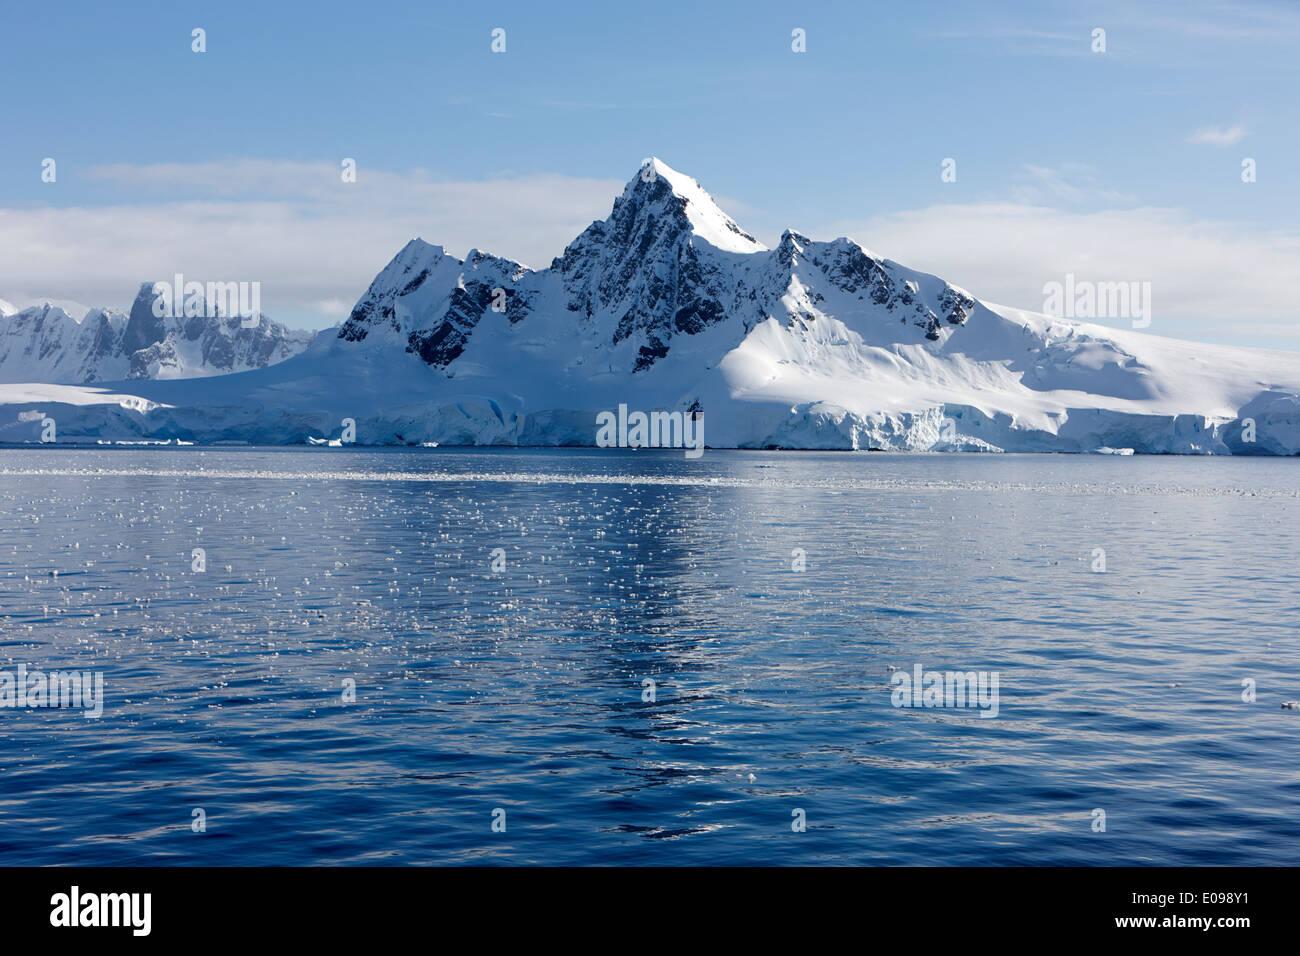 peak on ronge island Antarctica Stock Photo